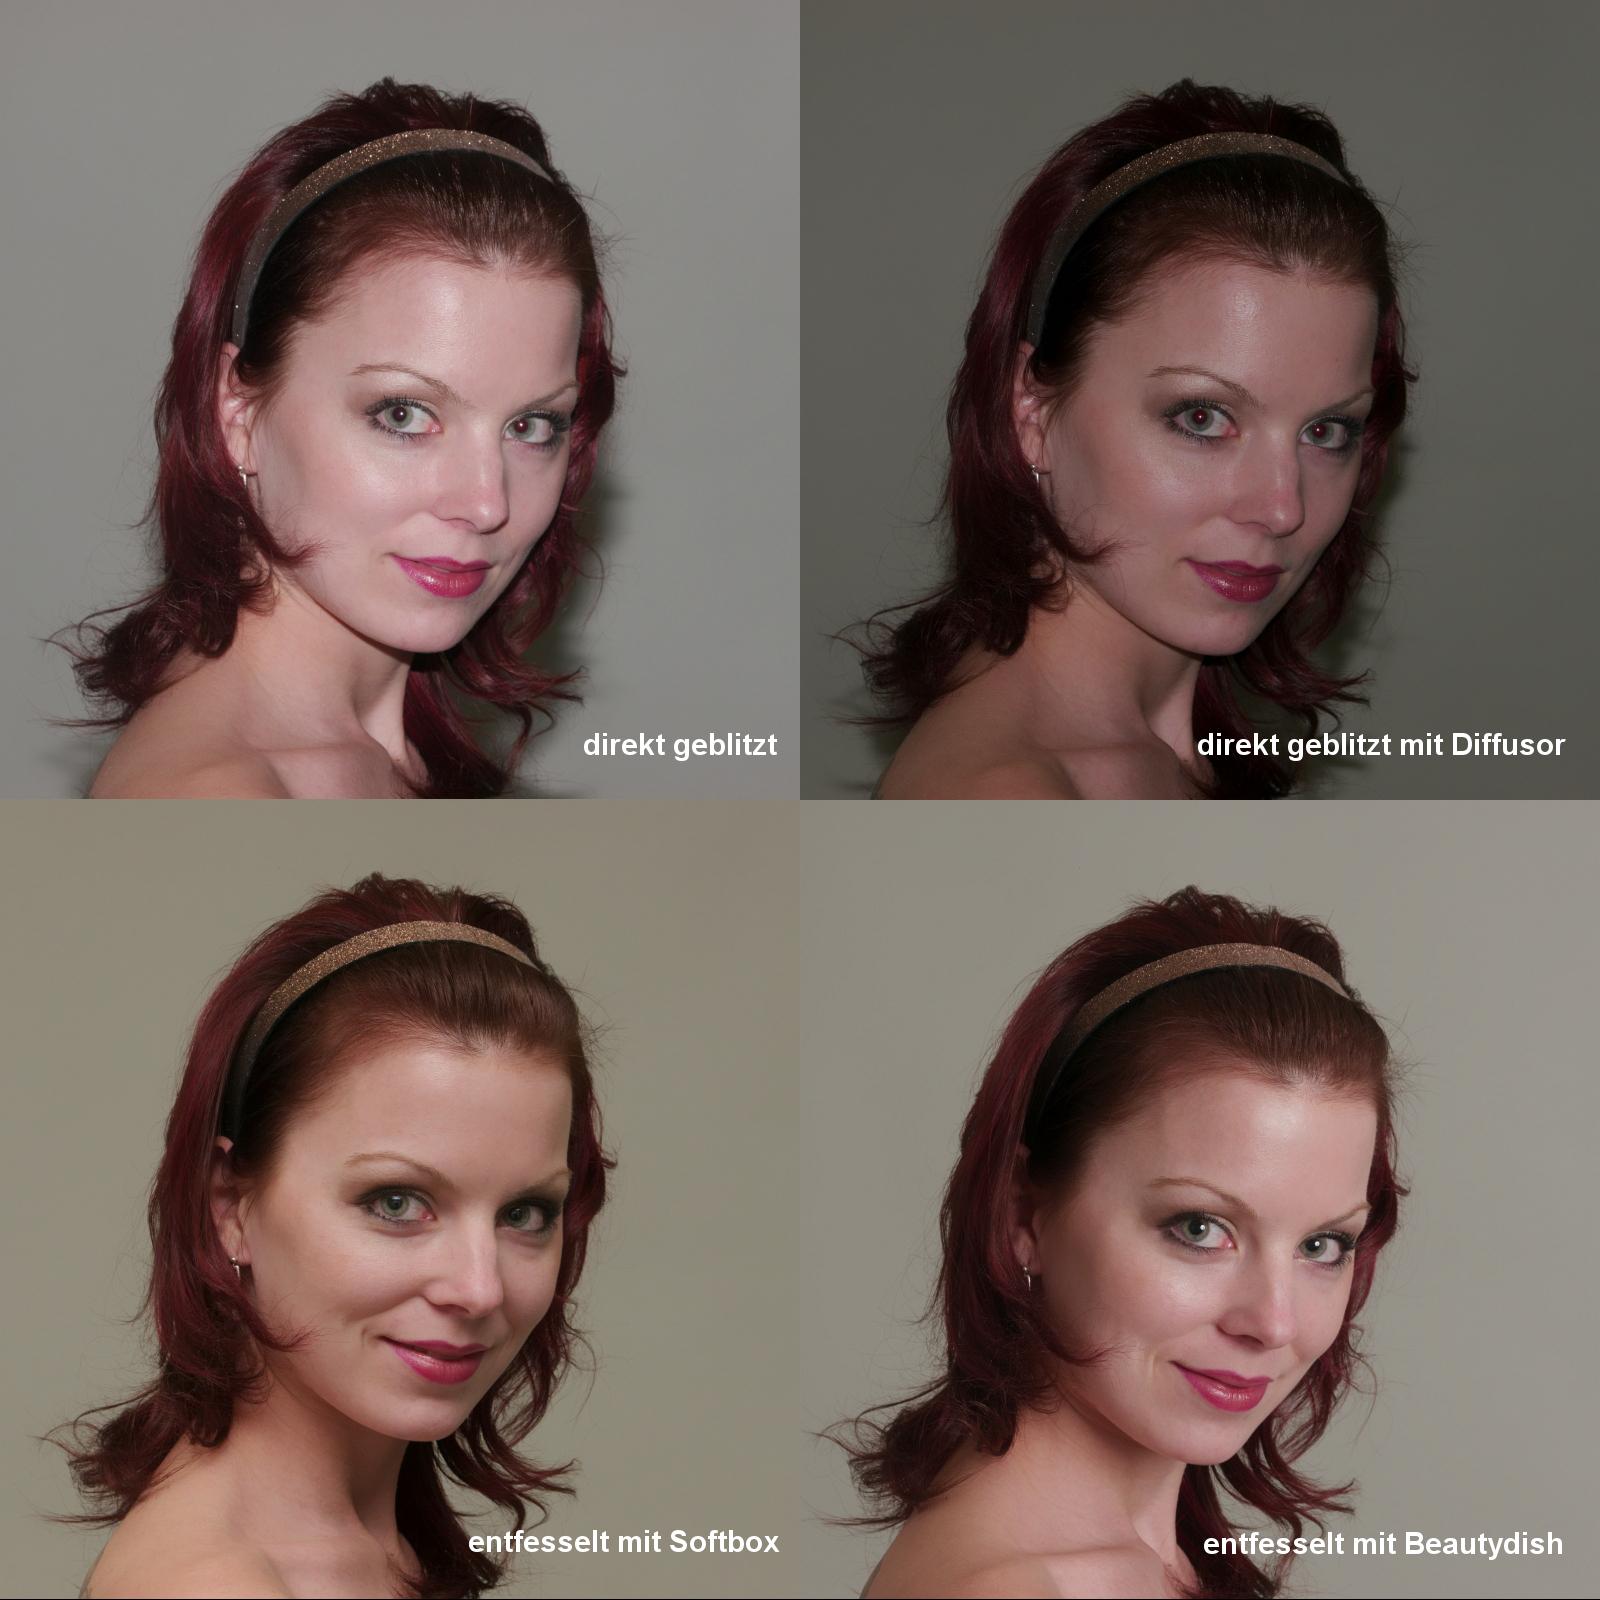 Vier Bilder einer jungen Frau, die mit verschiedenen Blitzarten fotografiert wurde